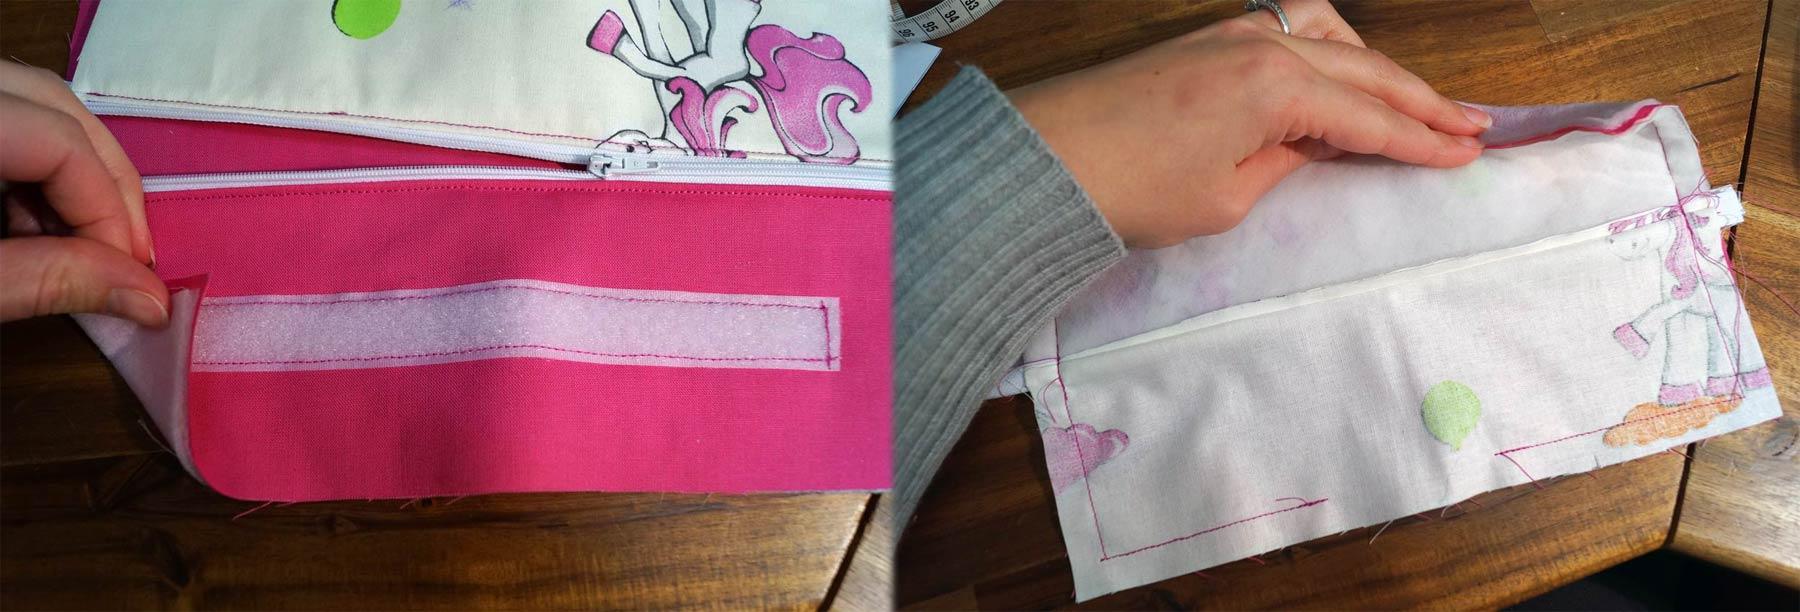 Auf der pinken Seite wird das Klett angebracht. Danach rechts auf rechts legen und zusammennähen. Wendeöffnung nicht vergessen!